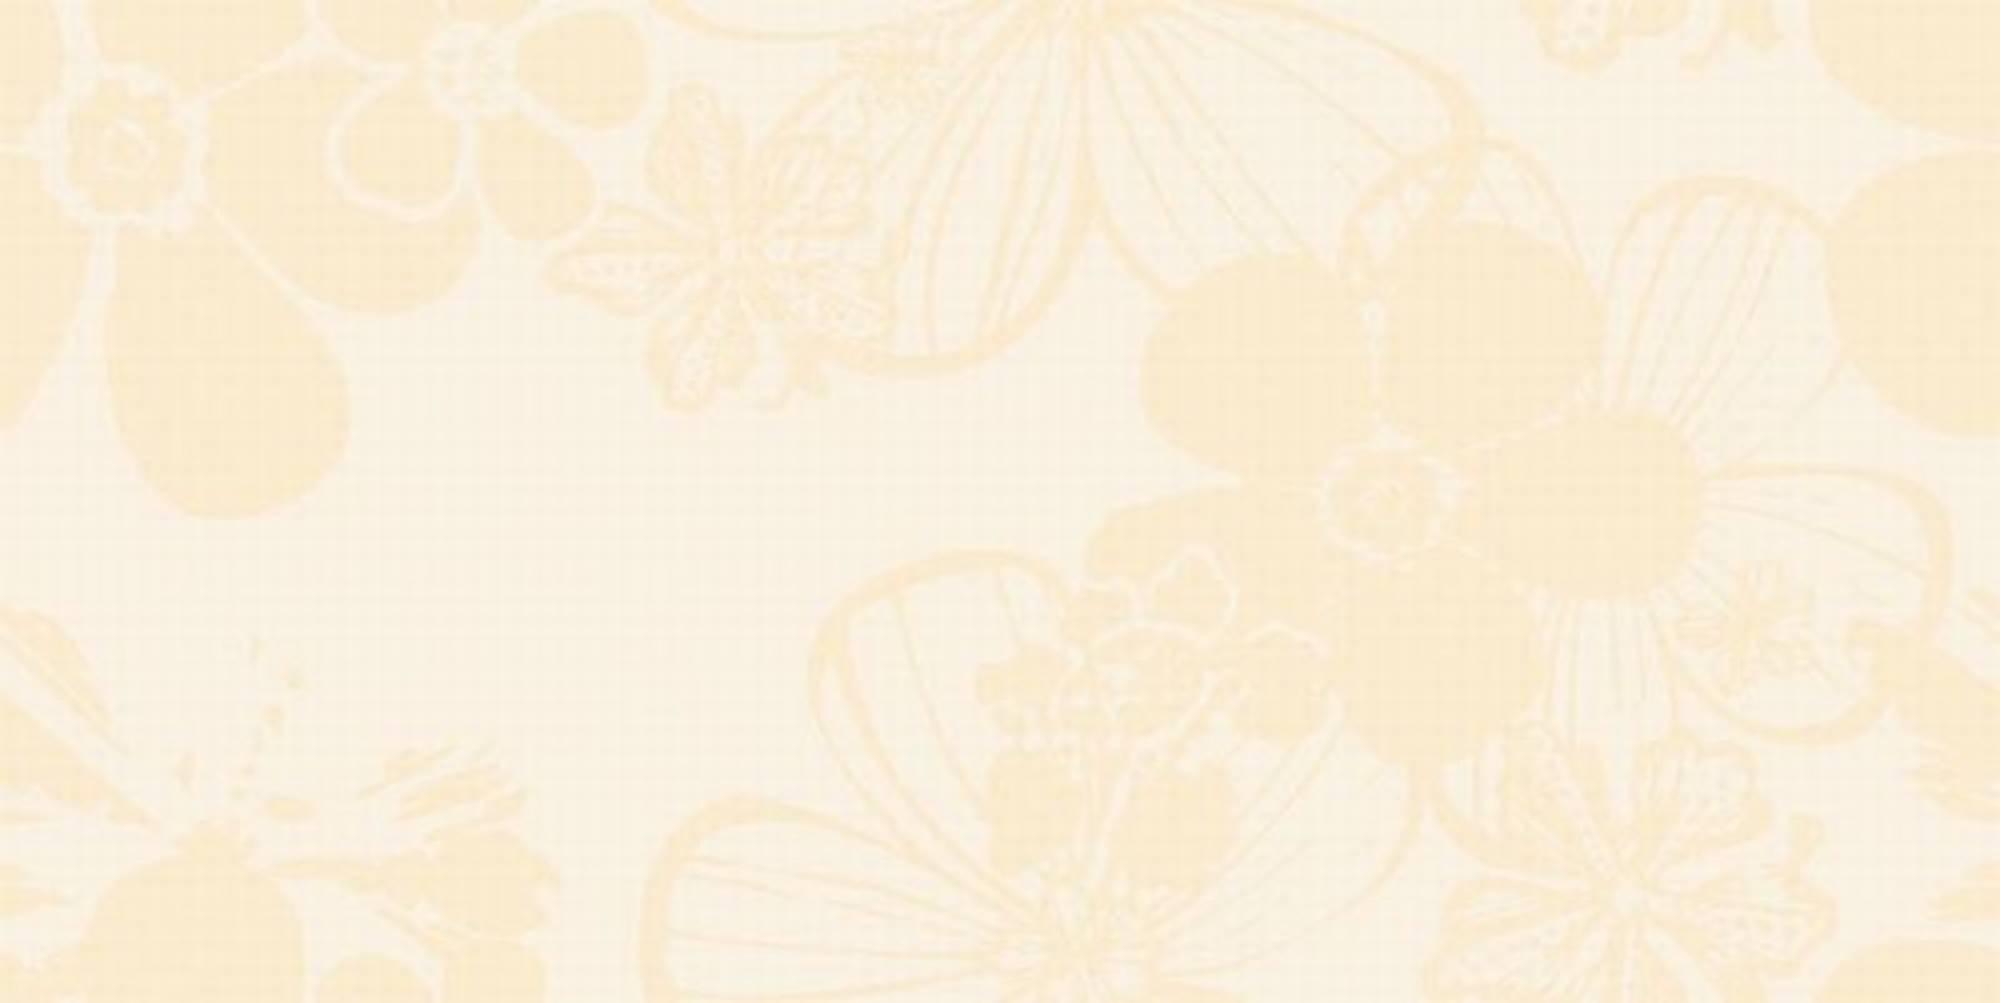 VILLEROY & BOCH MELROSE tegel 30x60 cm. decor flower NATUR (1581NW35)